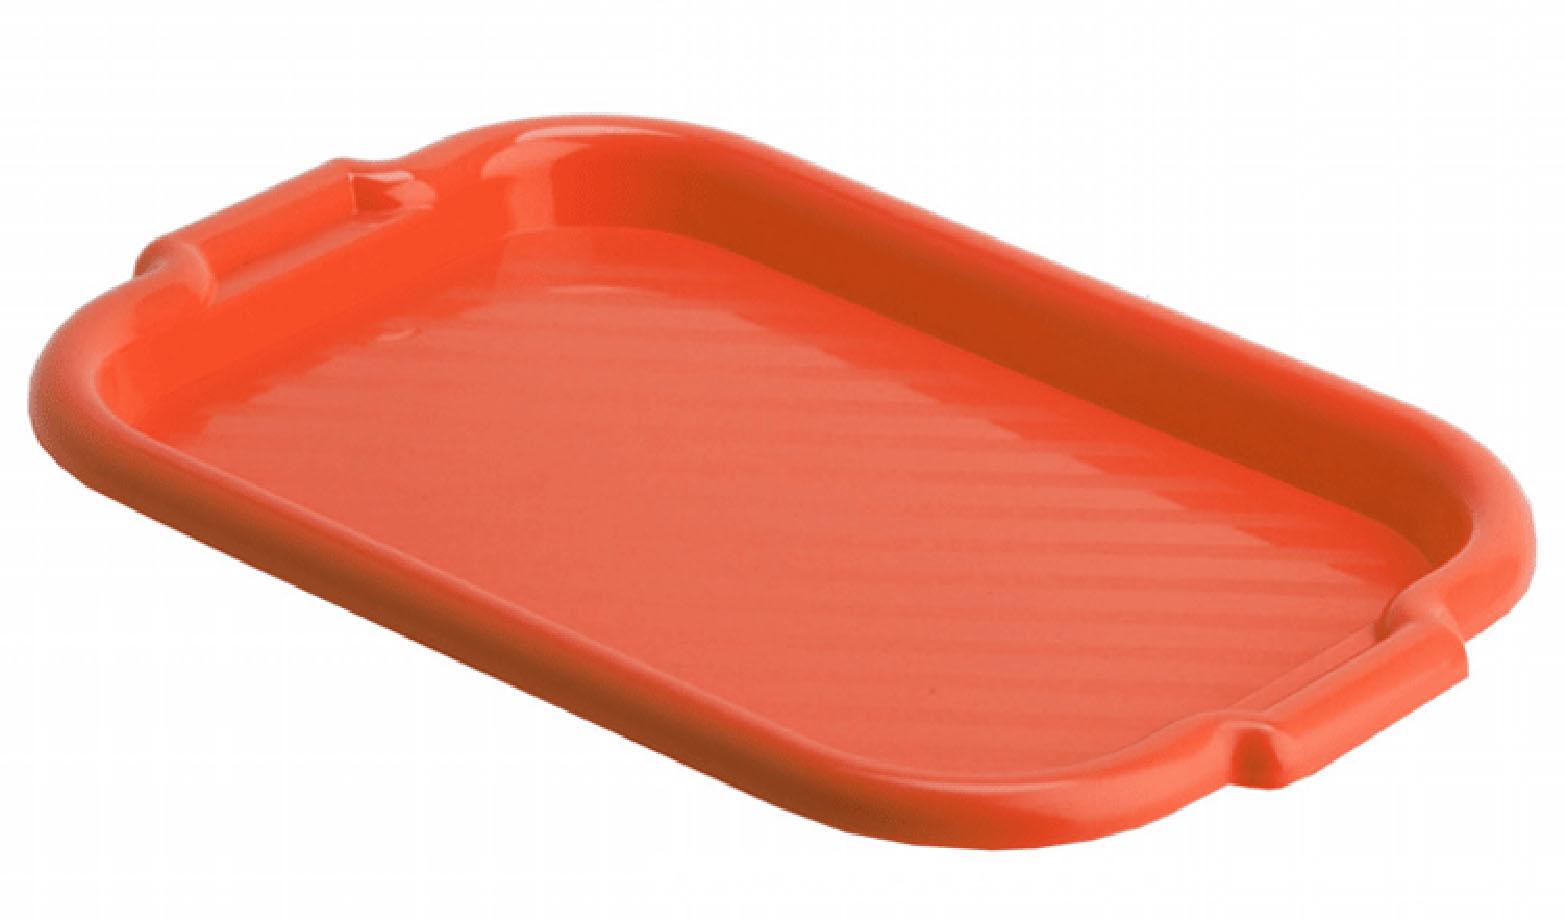 """Универсальный поднос """"Idea"""" изготовлен из высококачественного прочного  полипропилена. Поднос снабжен ручками для удобной переноски. Универсальный,  подходит для переноски, хранения и сервировки продуктов. Такой поднос  пригодится в любом хозяйстве."""